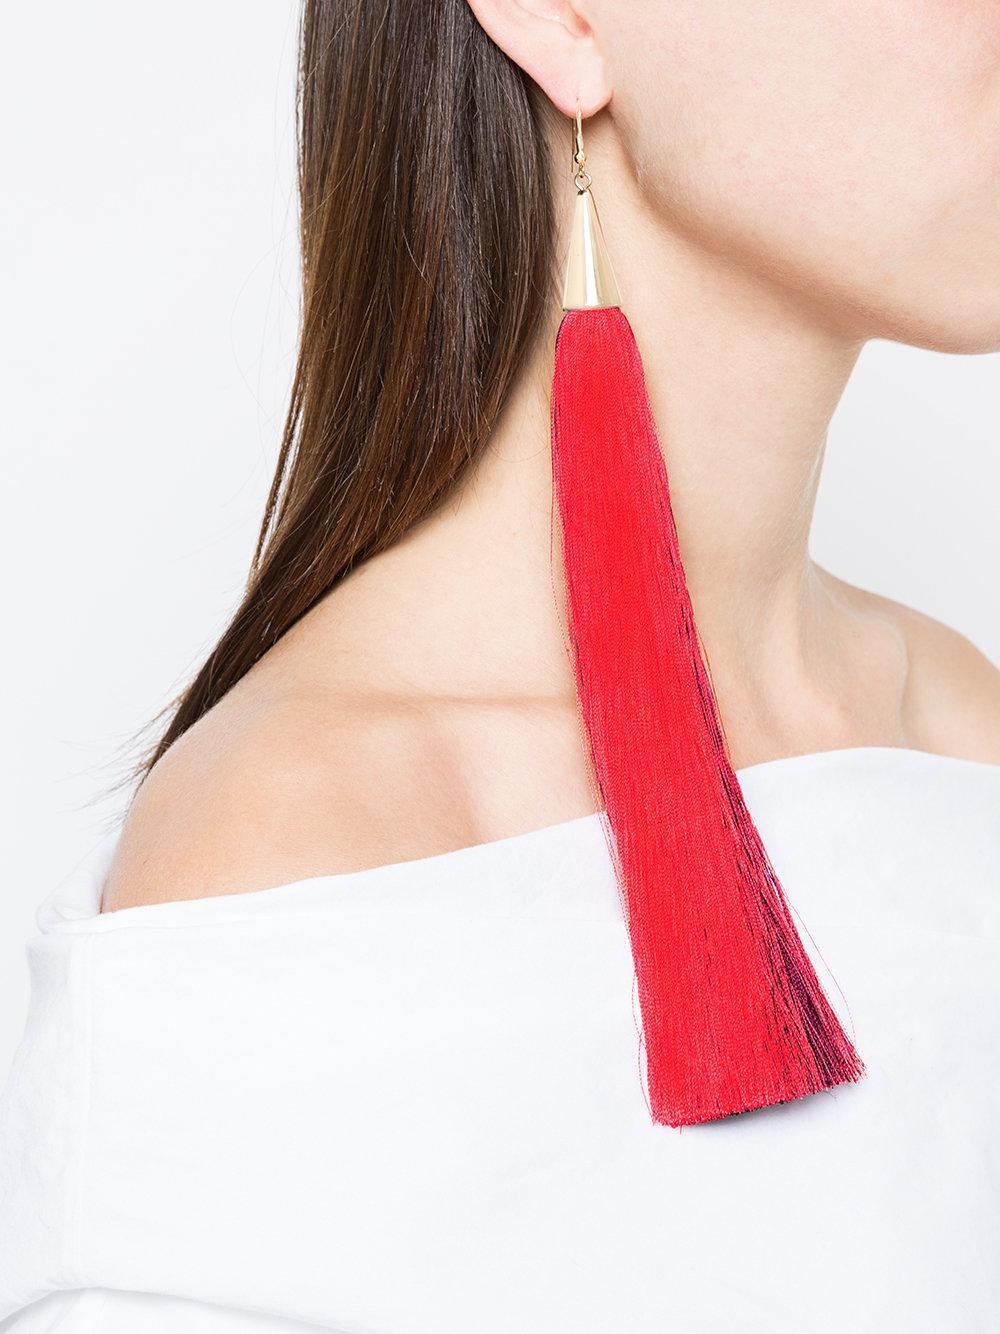 Eddie Borgo fringed earring - Red 8og7pe5R